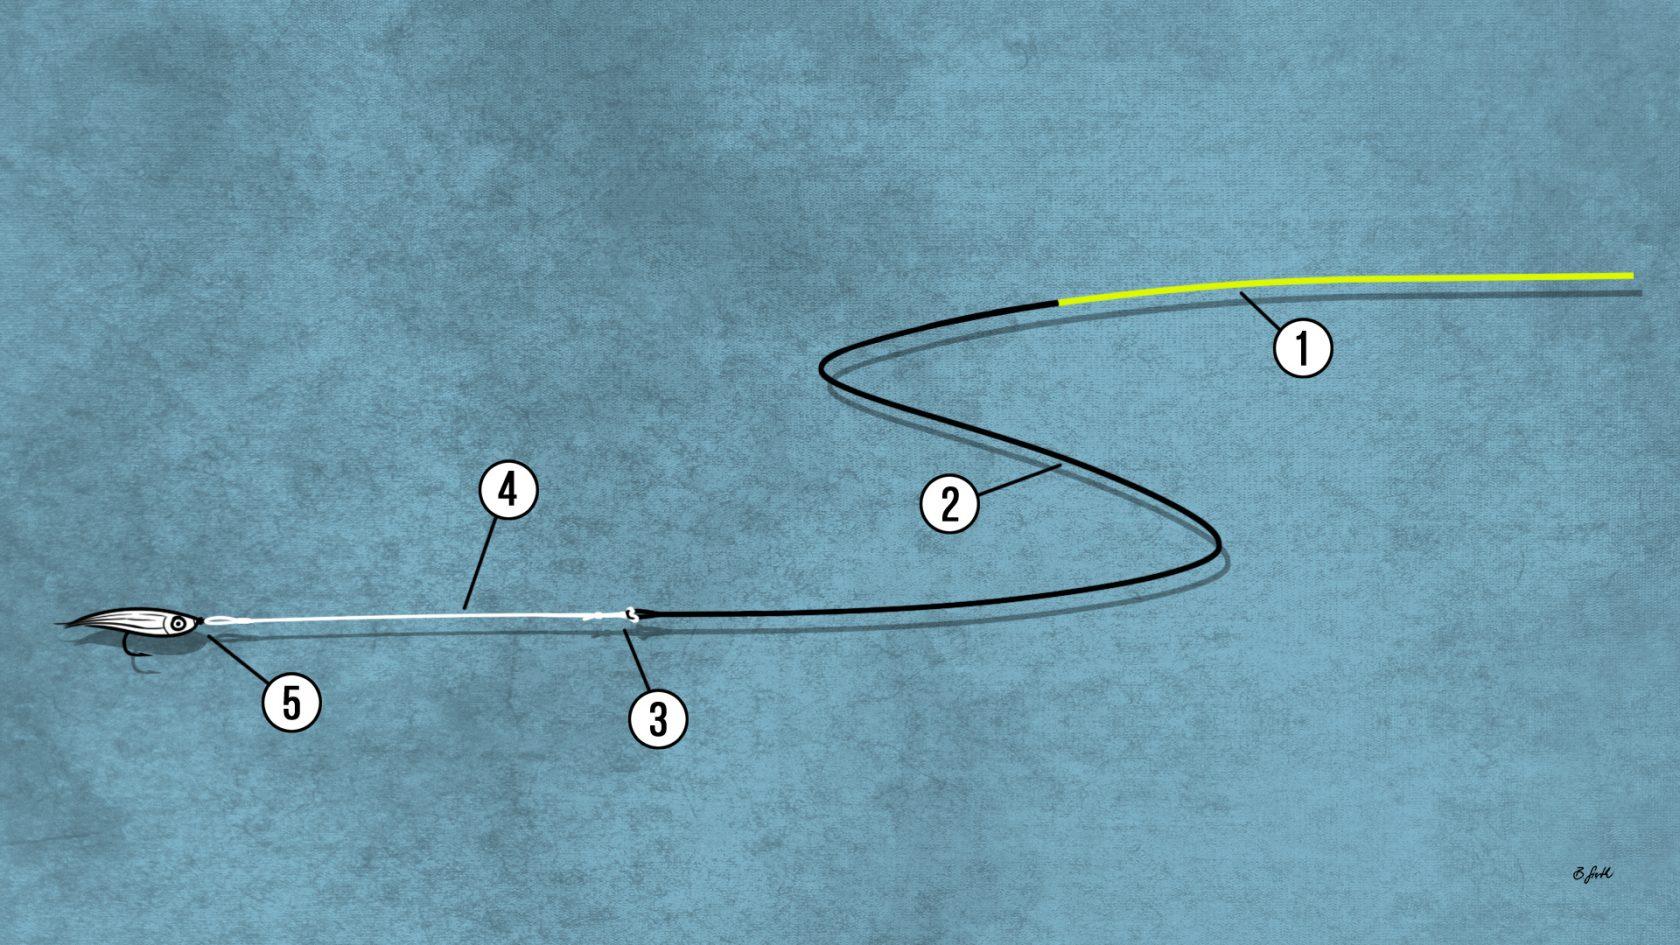 Vorfach-Montage Streamerfischen mit Sinktip